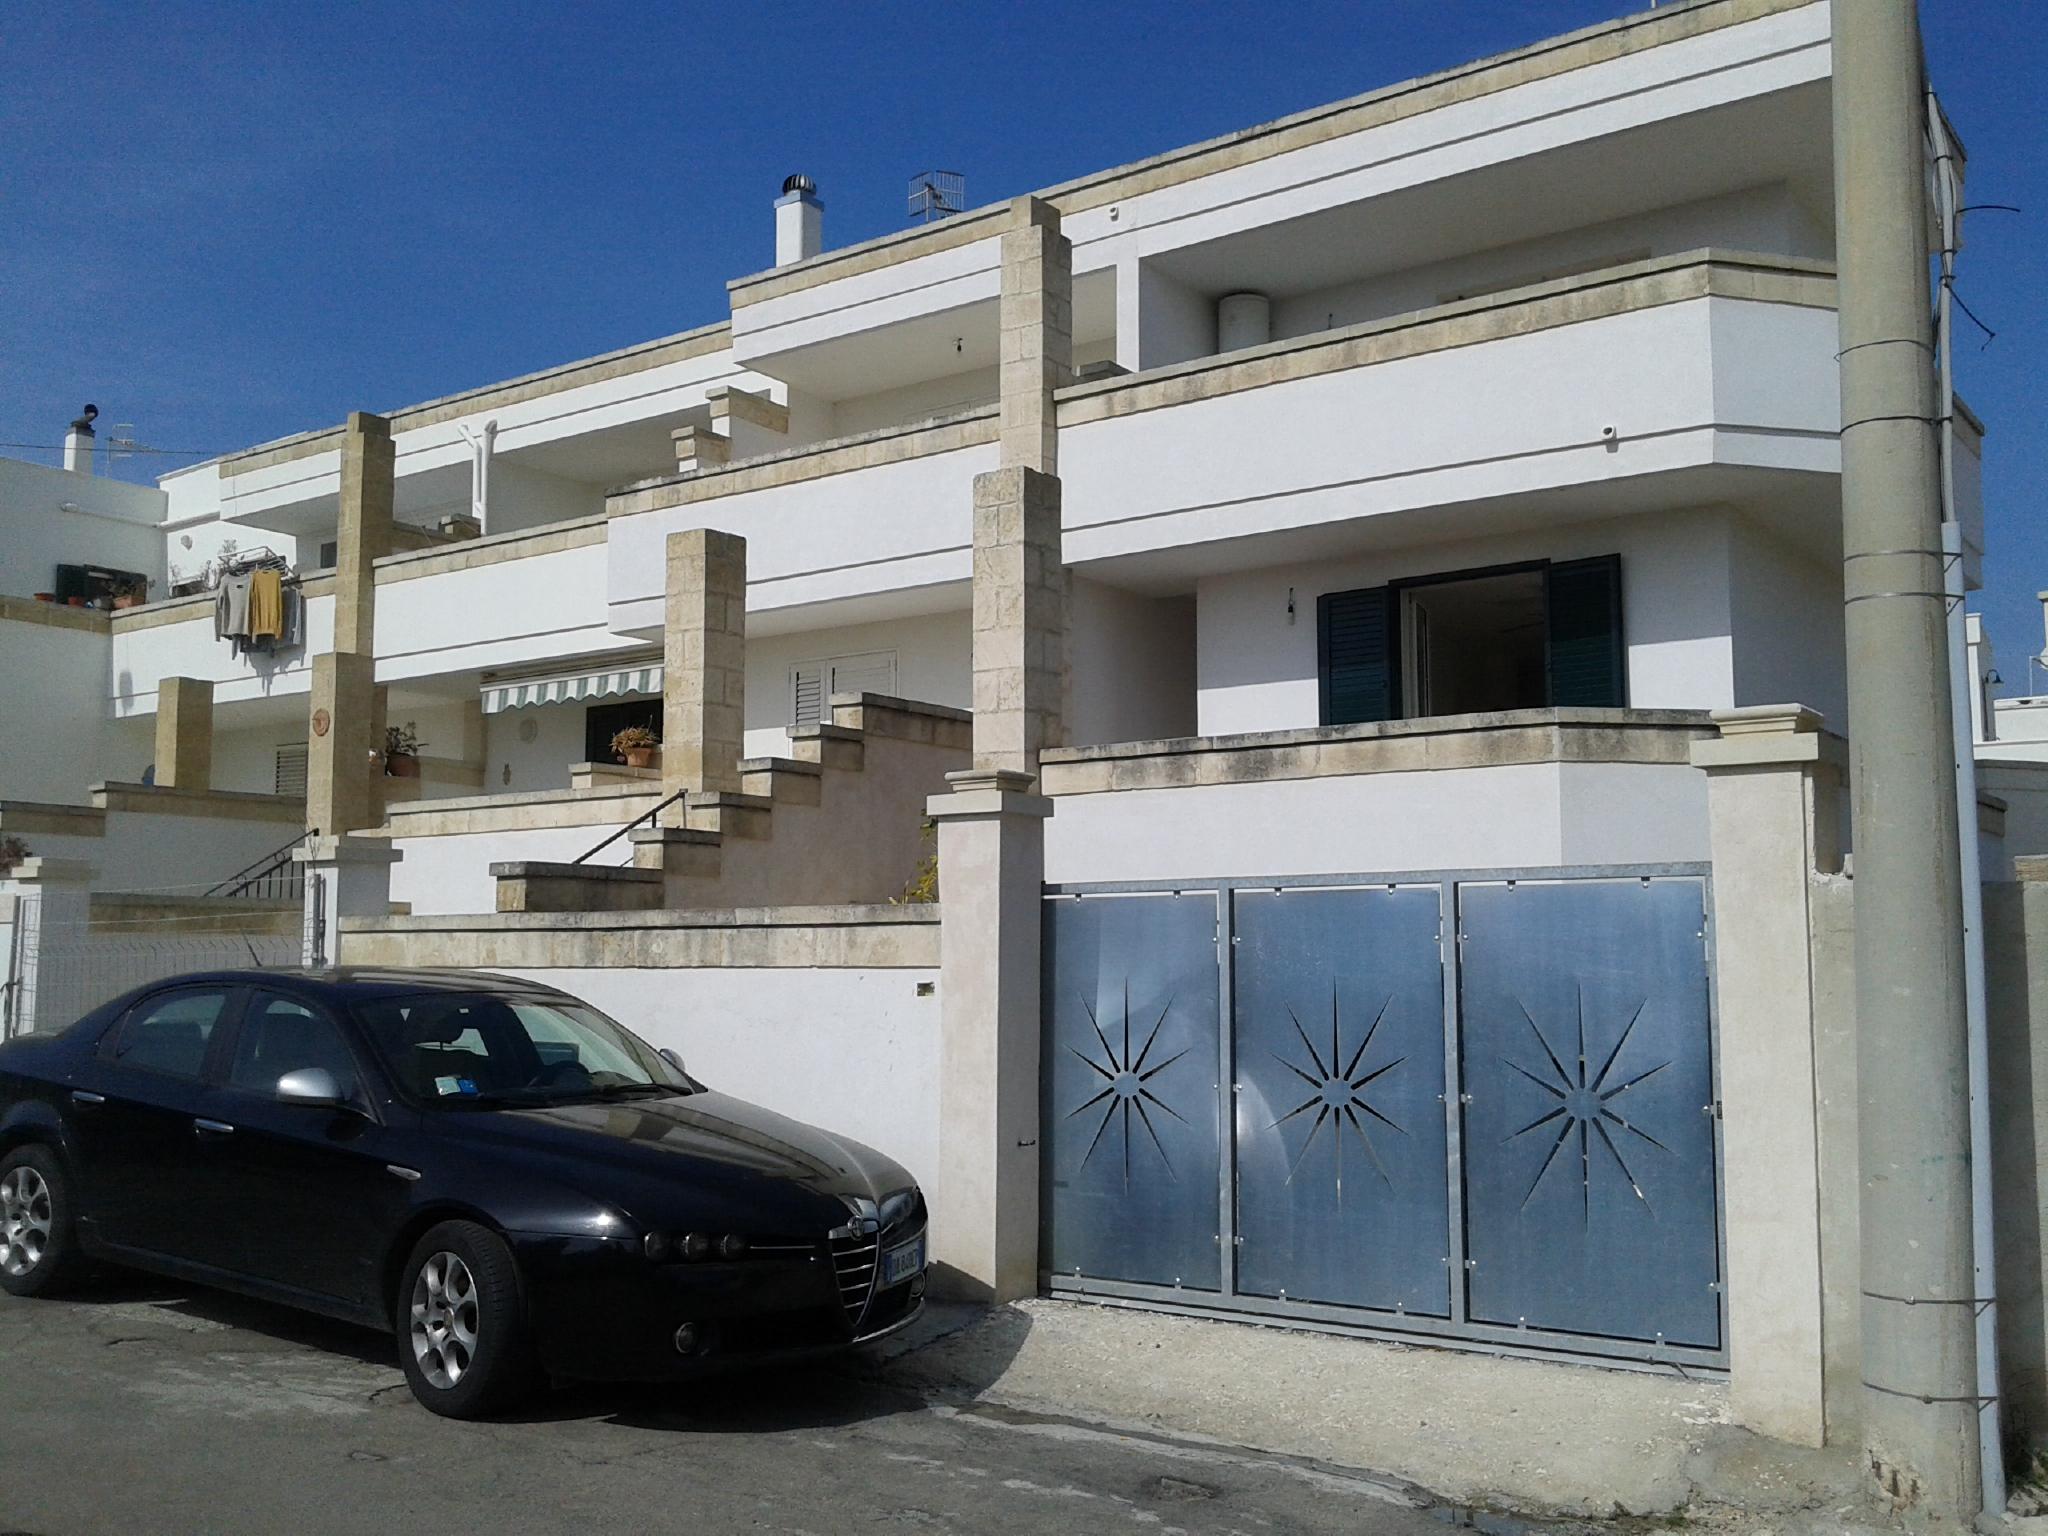 villa su 3 livelli in ottimo stato con vista mozzafiato (Castrignano del Capo)